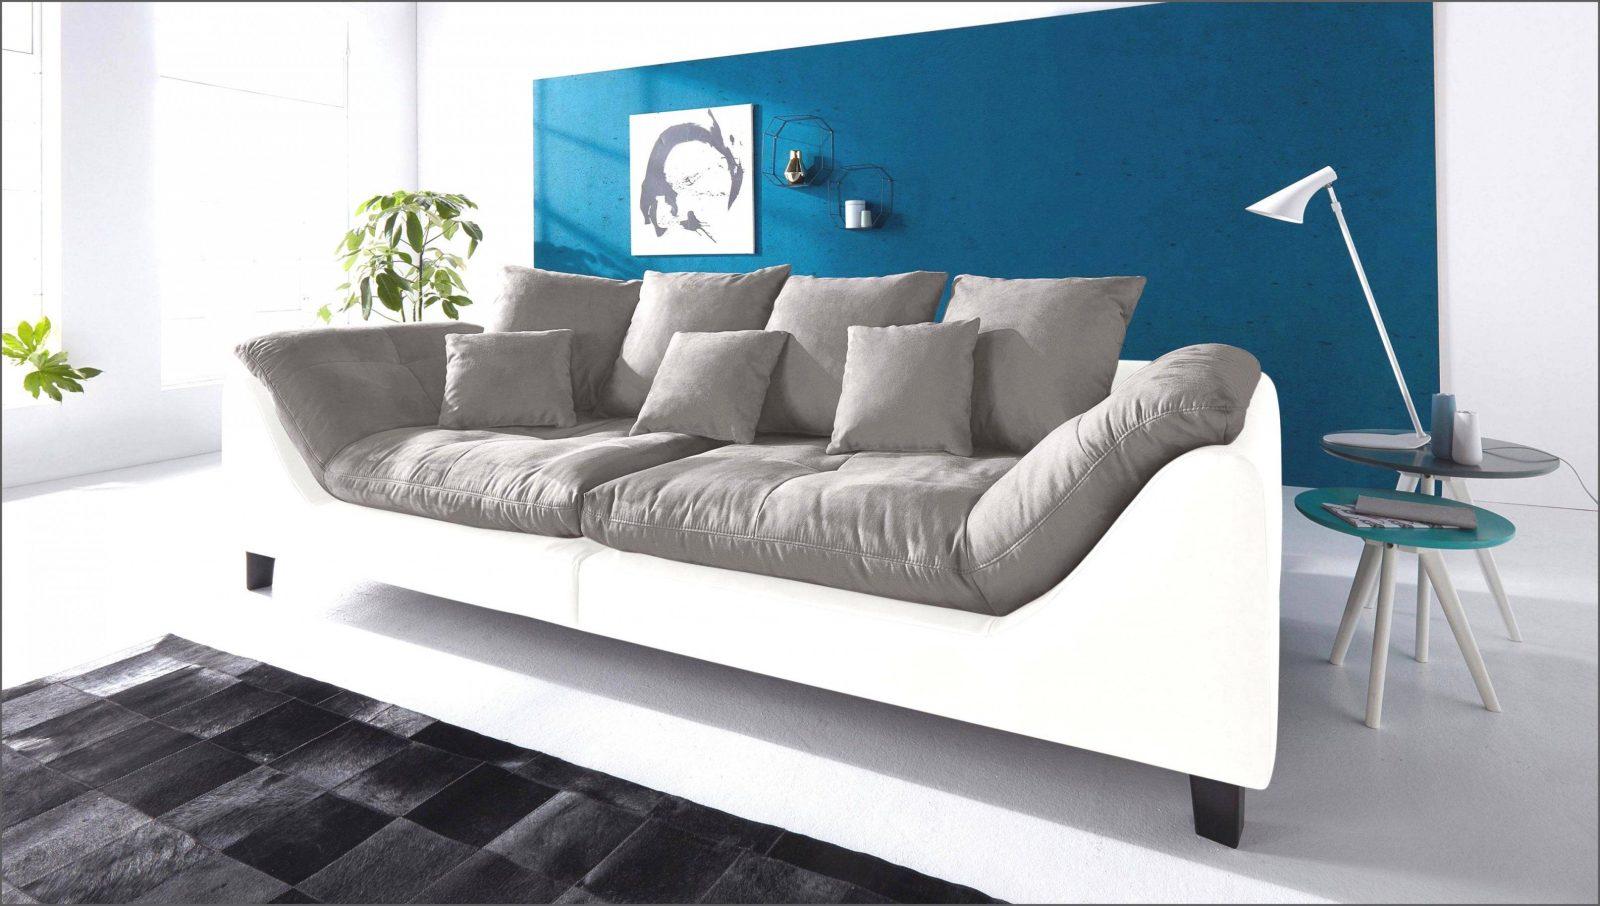 Beste Xxl Big Sofa & Couch Günstig Auf Rechnung Raten Kaufen Von Zum von Big Sofa Auf Rechnung Bild